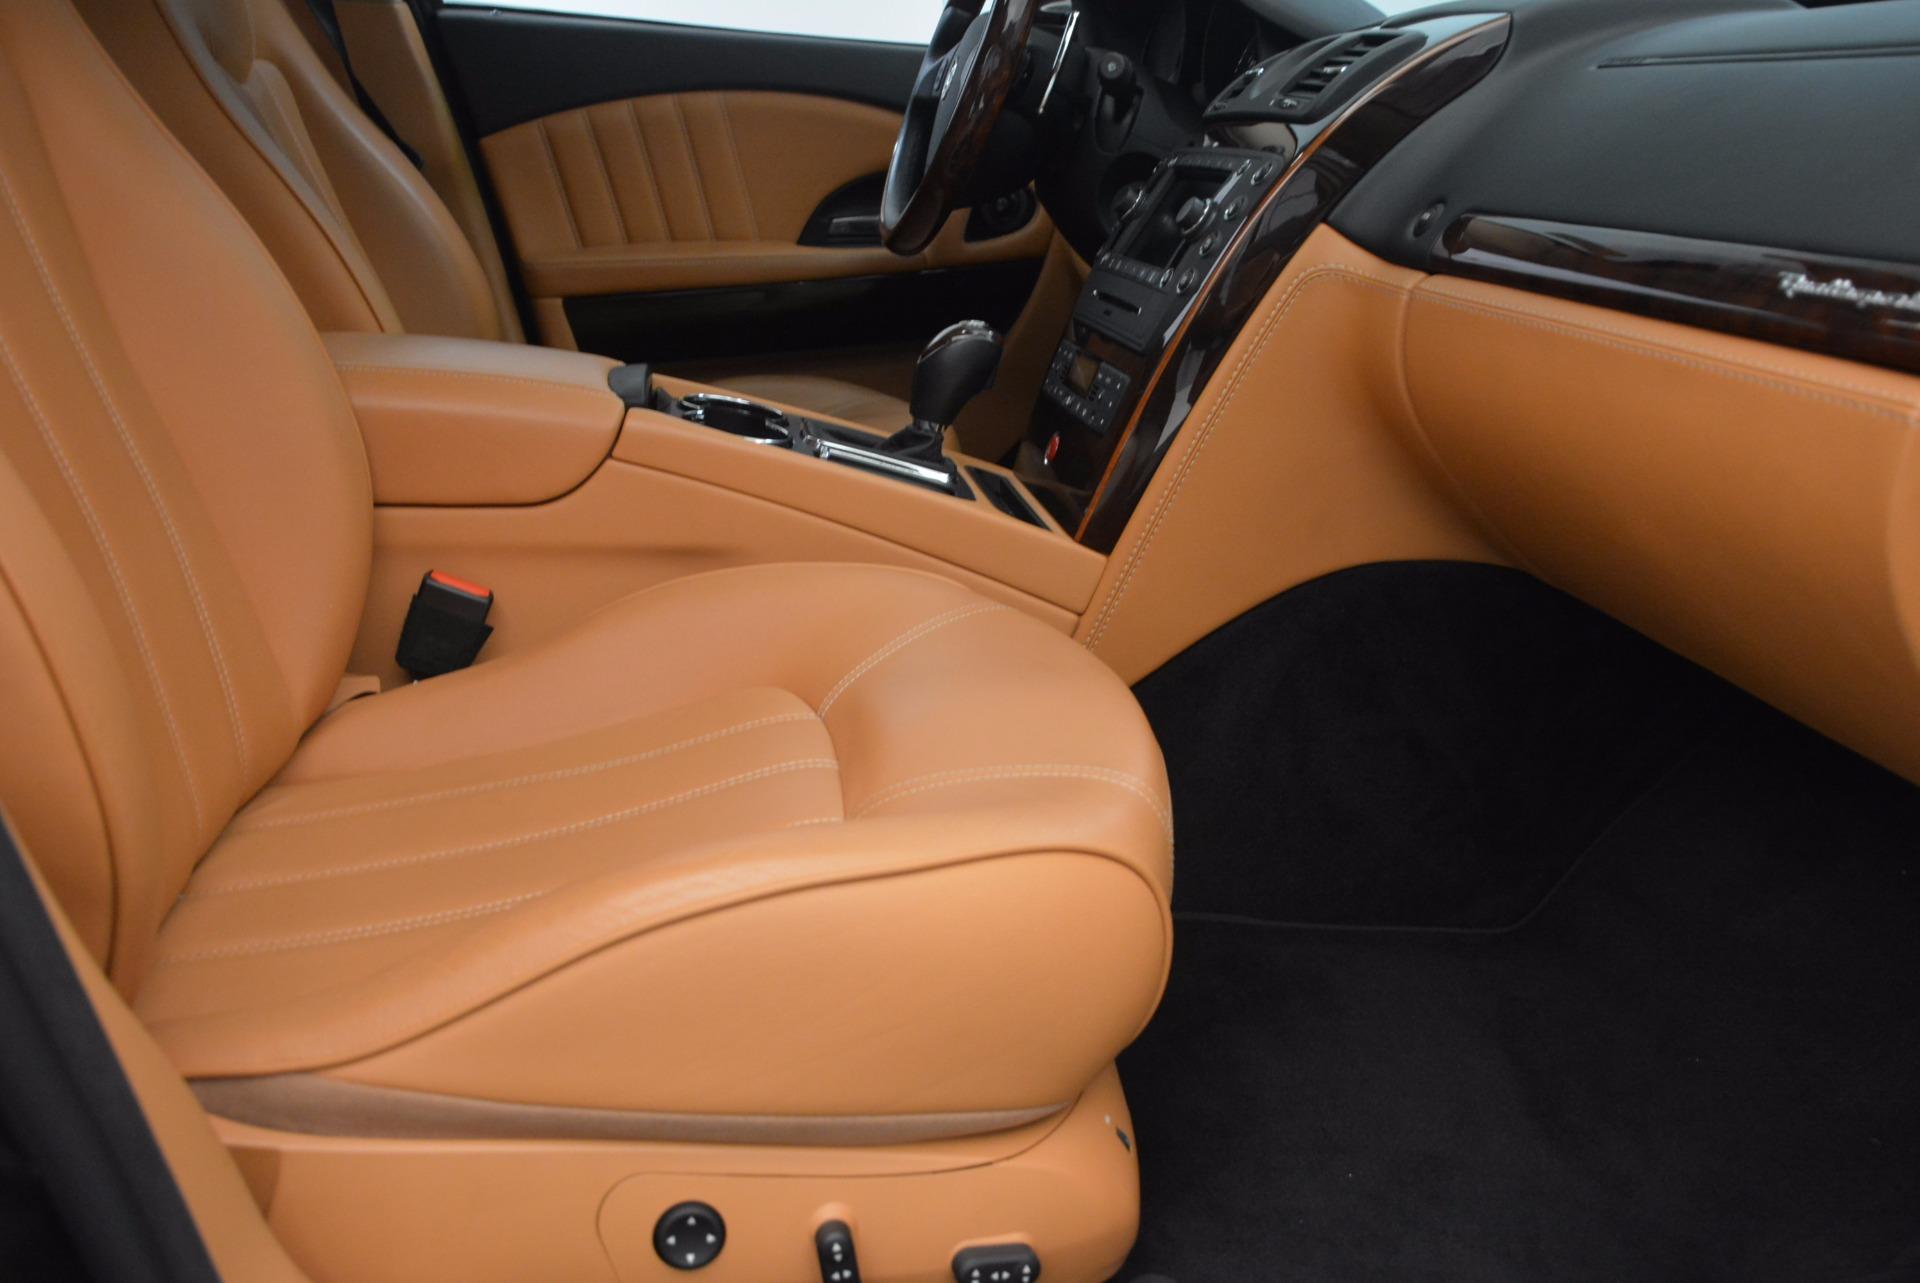 Used 2010 Maserati Quattroporte S For Sale In Greenwich, CT. Alfa Romeo of Greenwich, 7279 1551_p35